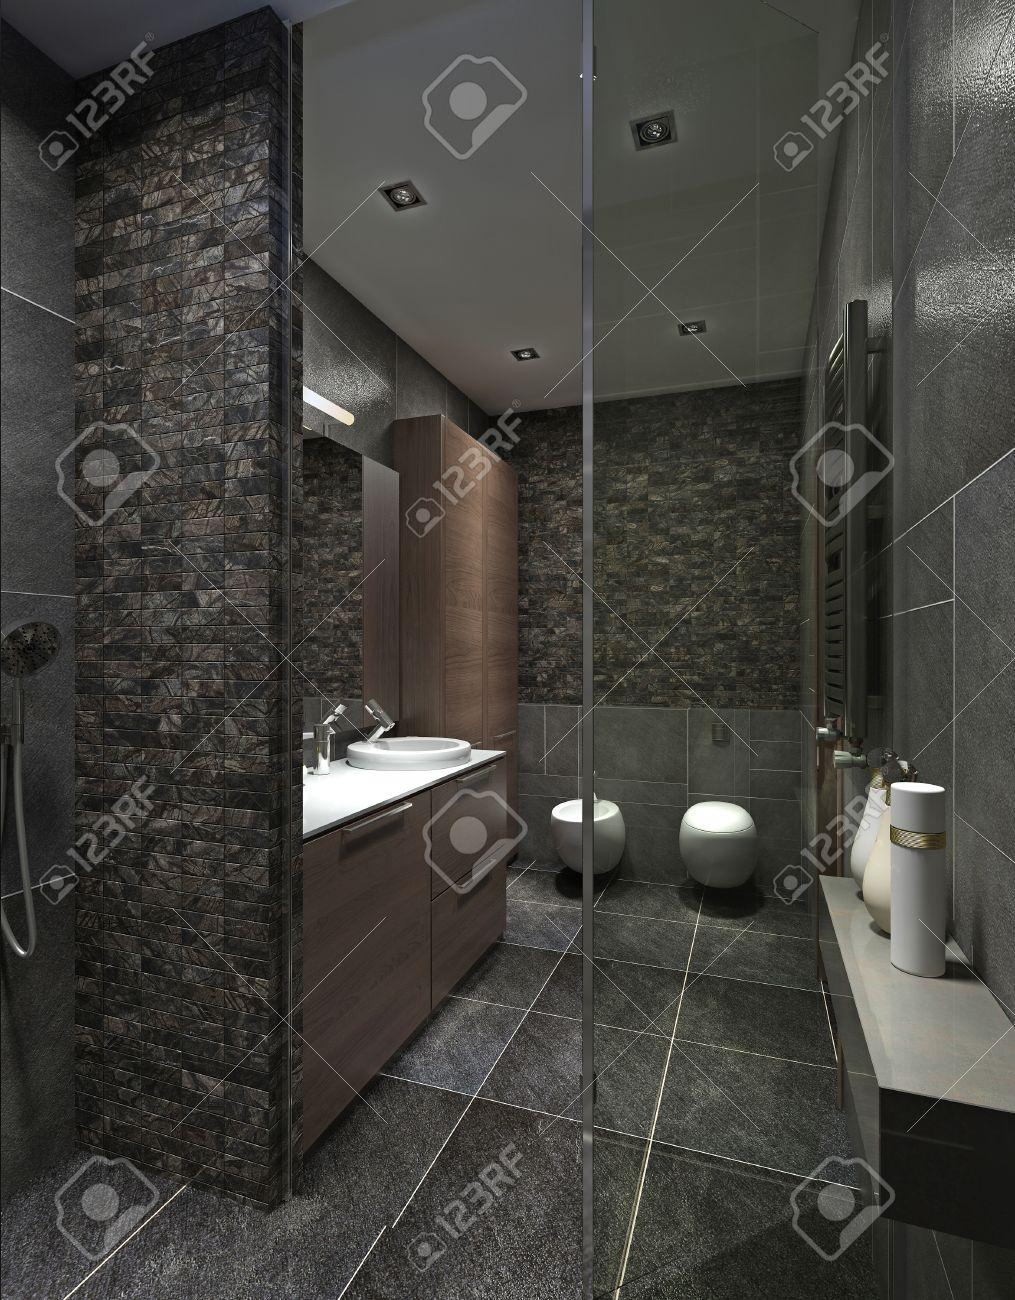 Moderne Badezimmer In Schwarzen Fliesen, Mosaik Und Braunen Möbeln. Mit  Dusche, Abstellraum,